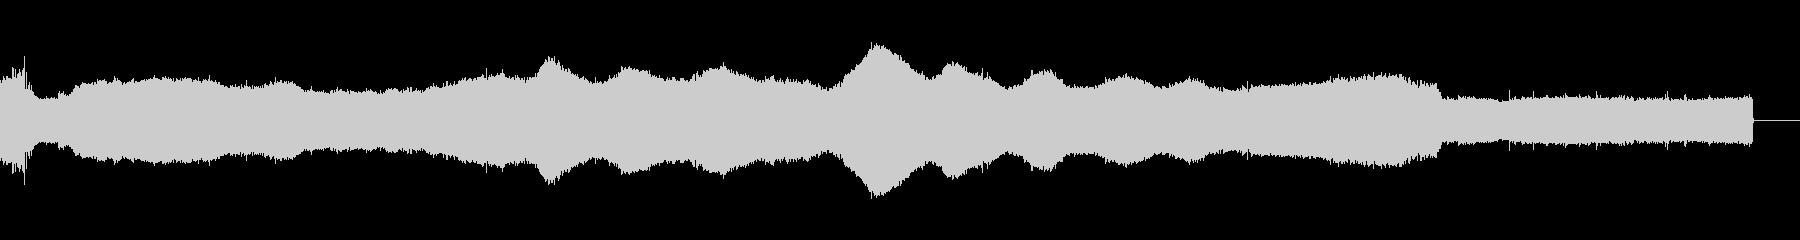 コンピューターインテリアAの未再生の波形